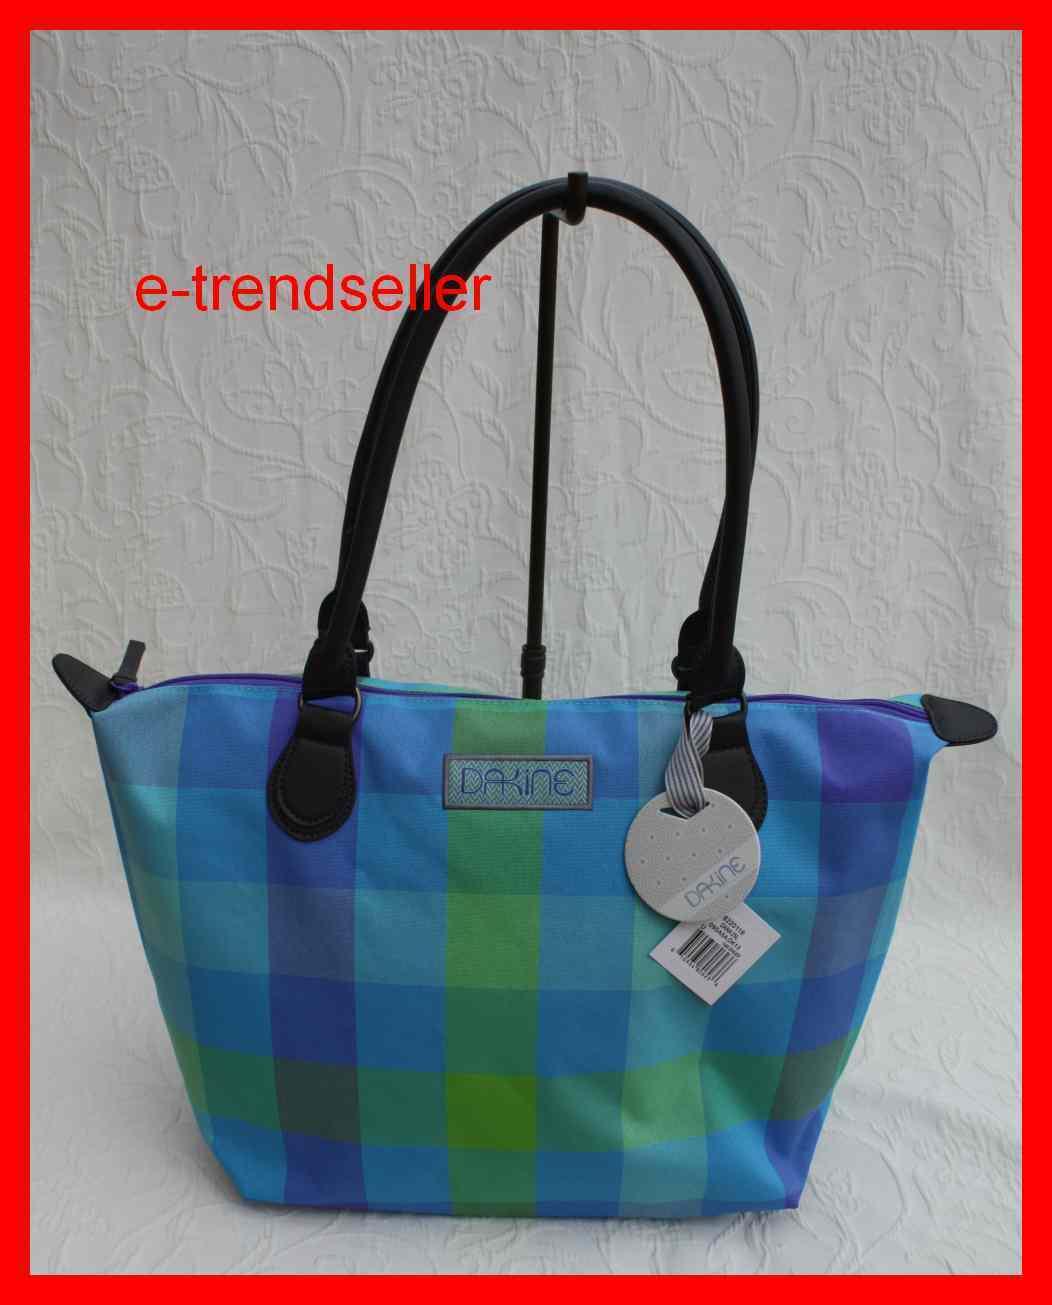 Dakine Dana Ginger Schultertasche blau grün Handtasche Shopper   Reichlich Und Pünktliche Lieferung    Discount    Ausgezeichnete Leistung